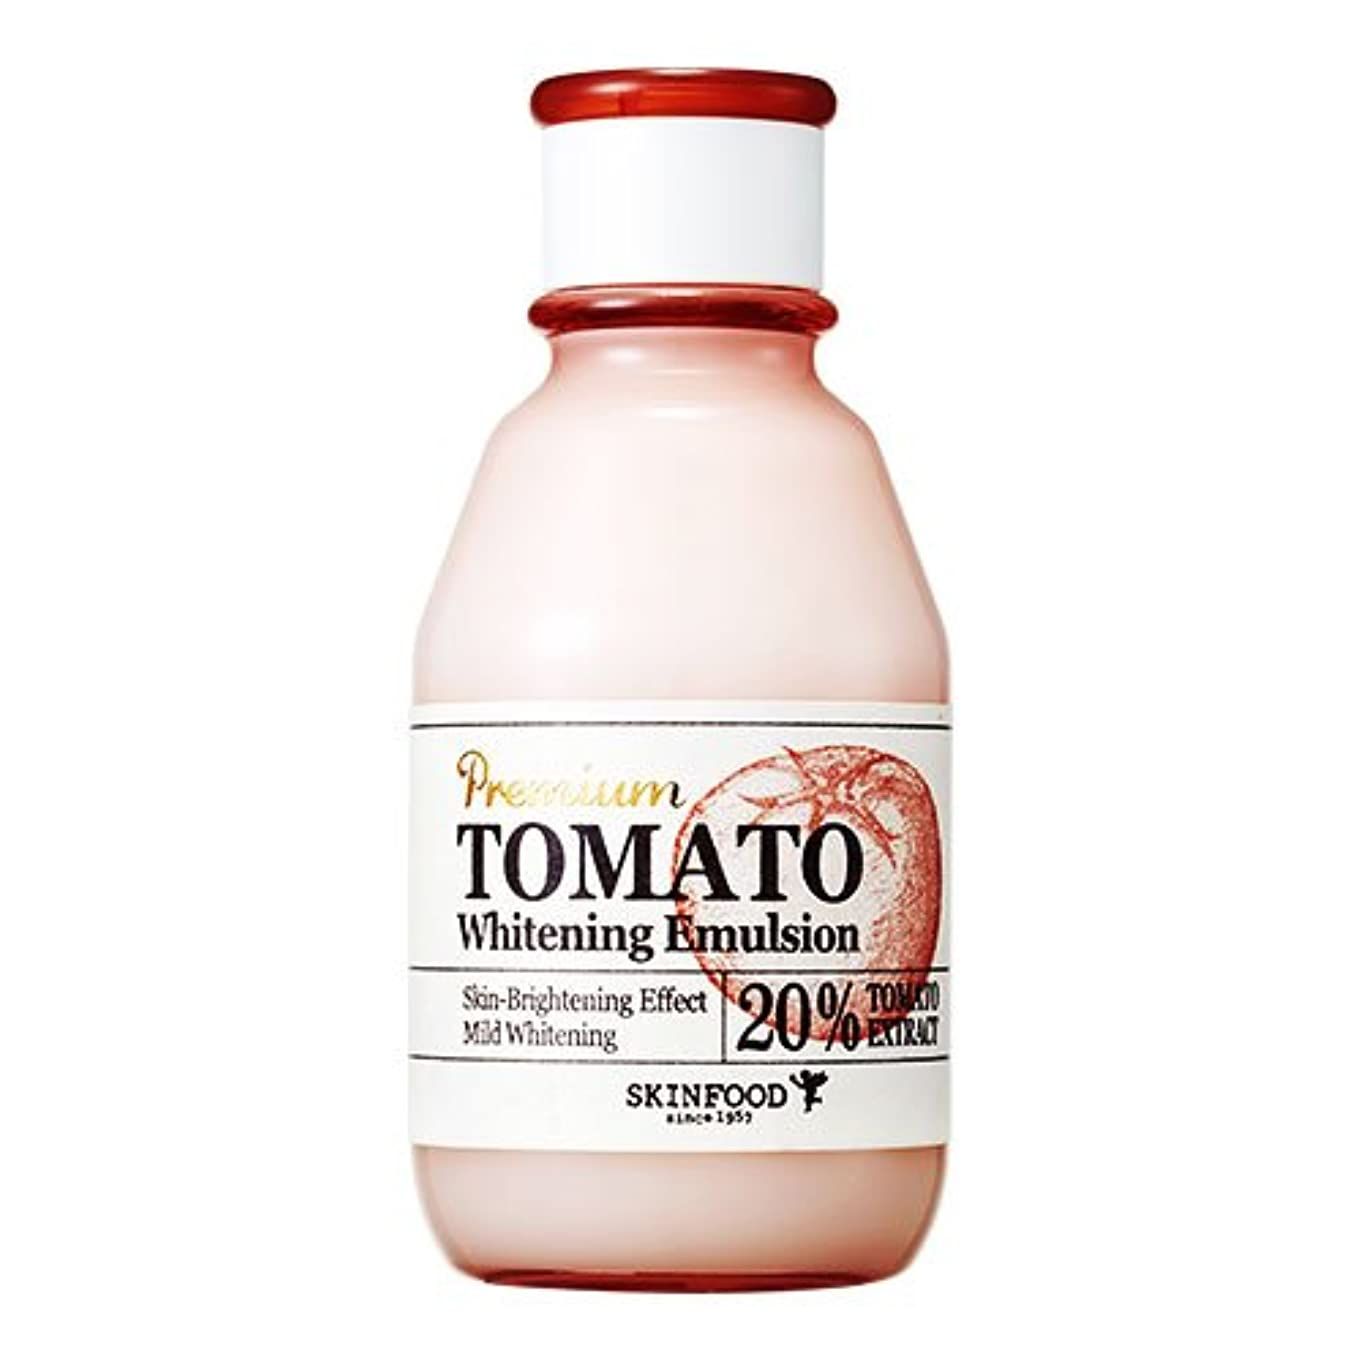 有利販売員まとめる[スキンフード] SKINFOOD プレミアムトマトホワイトニングエマルジョン Premium Tomato Whitening Emulsion (海外直送品) [並行輸入品]